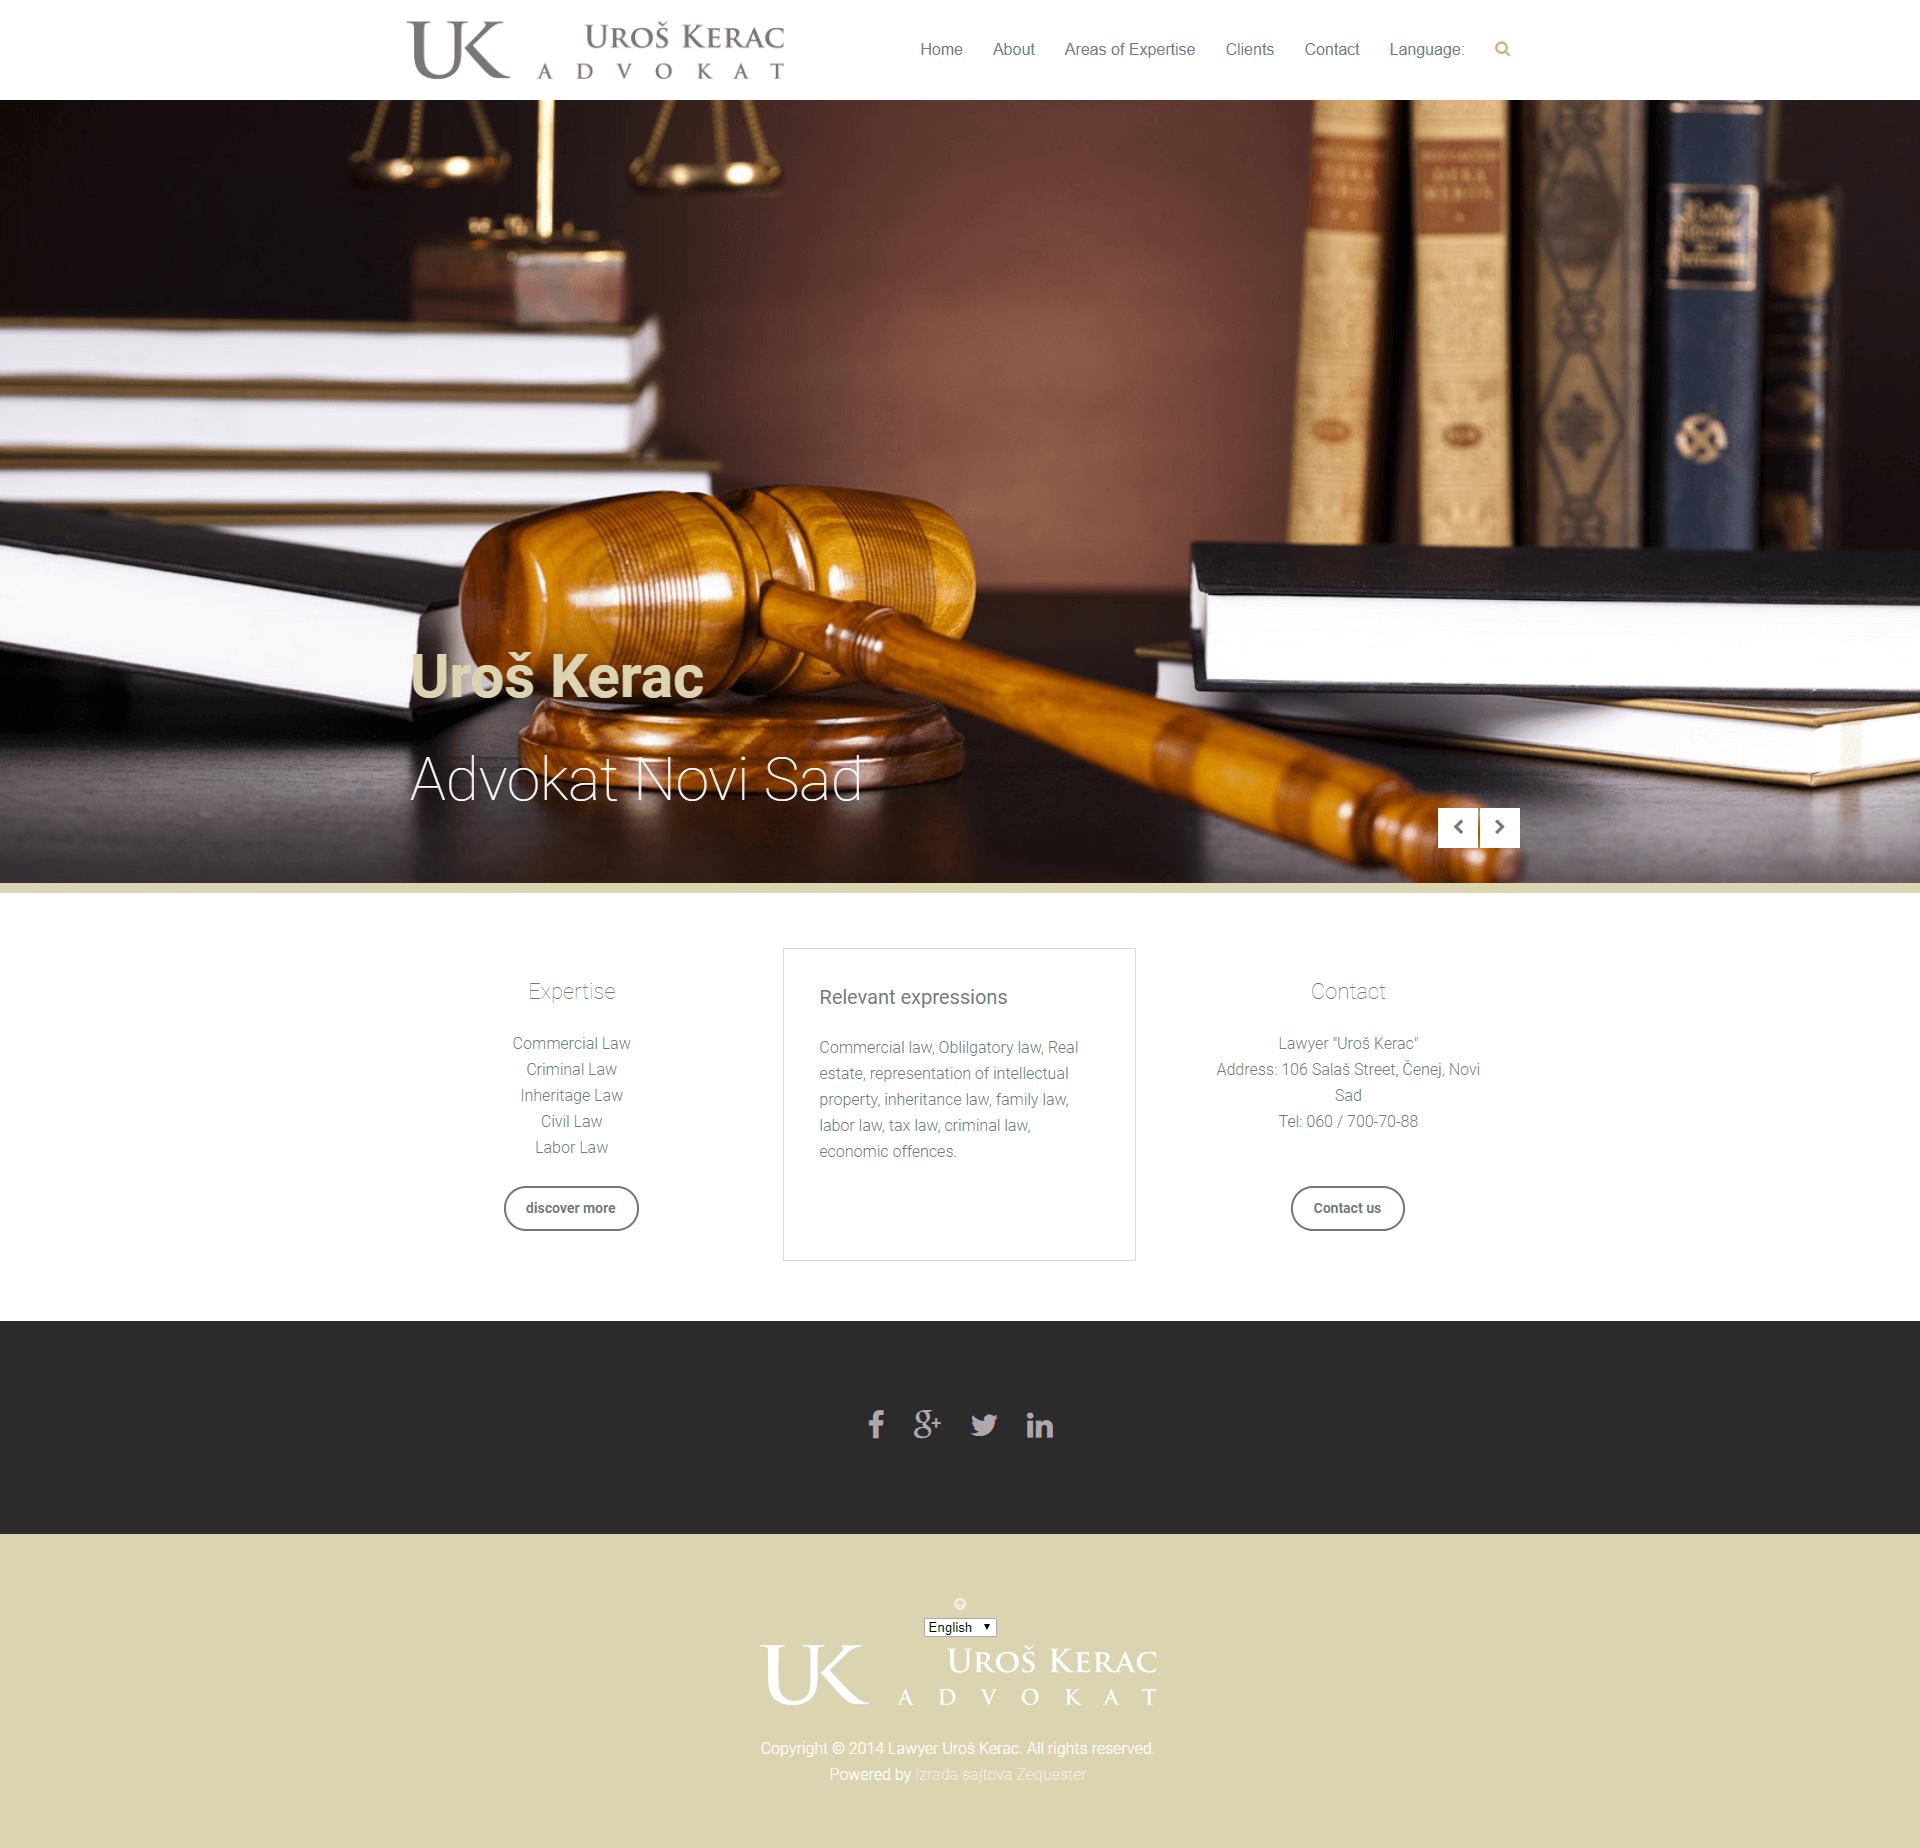 advokat kerac